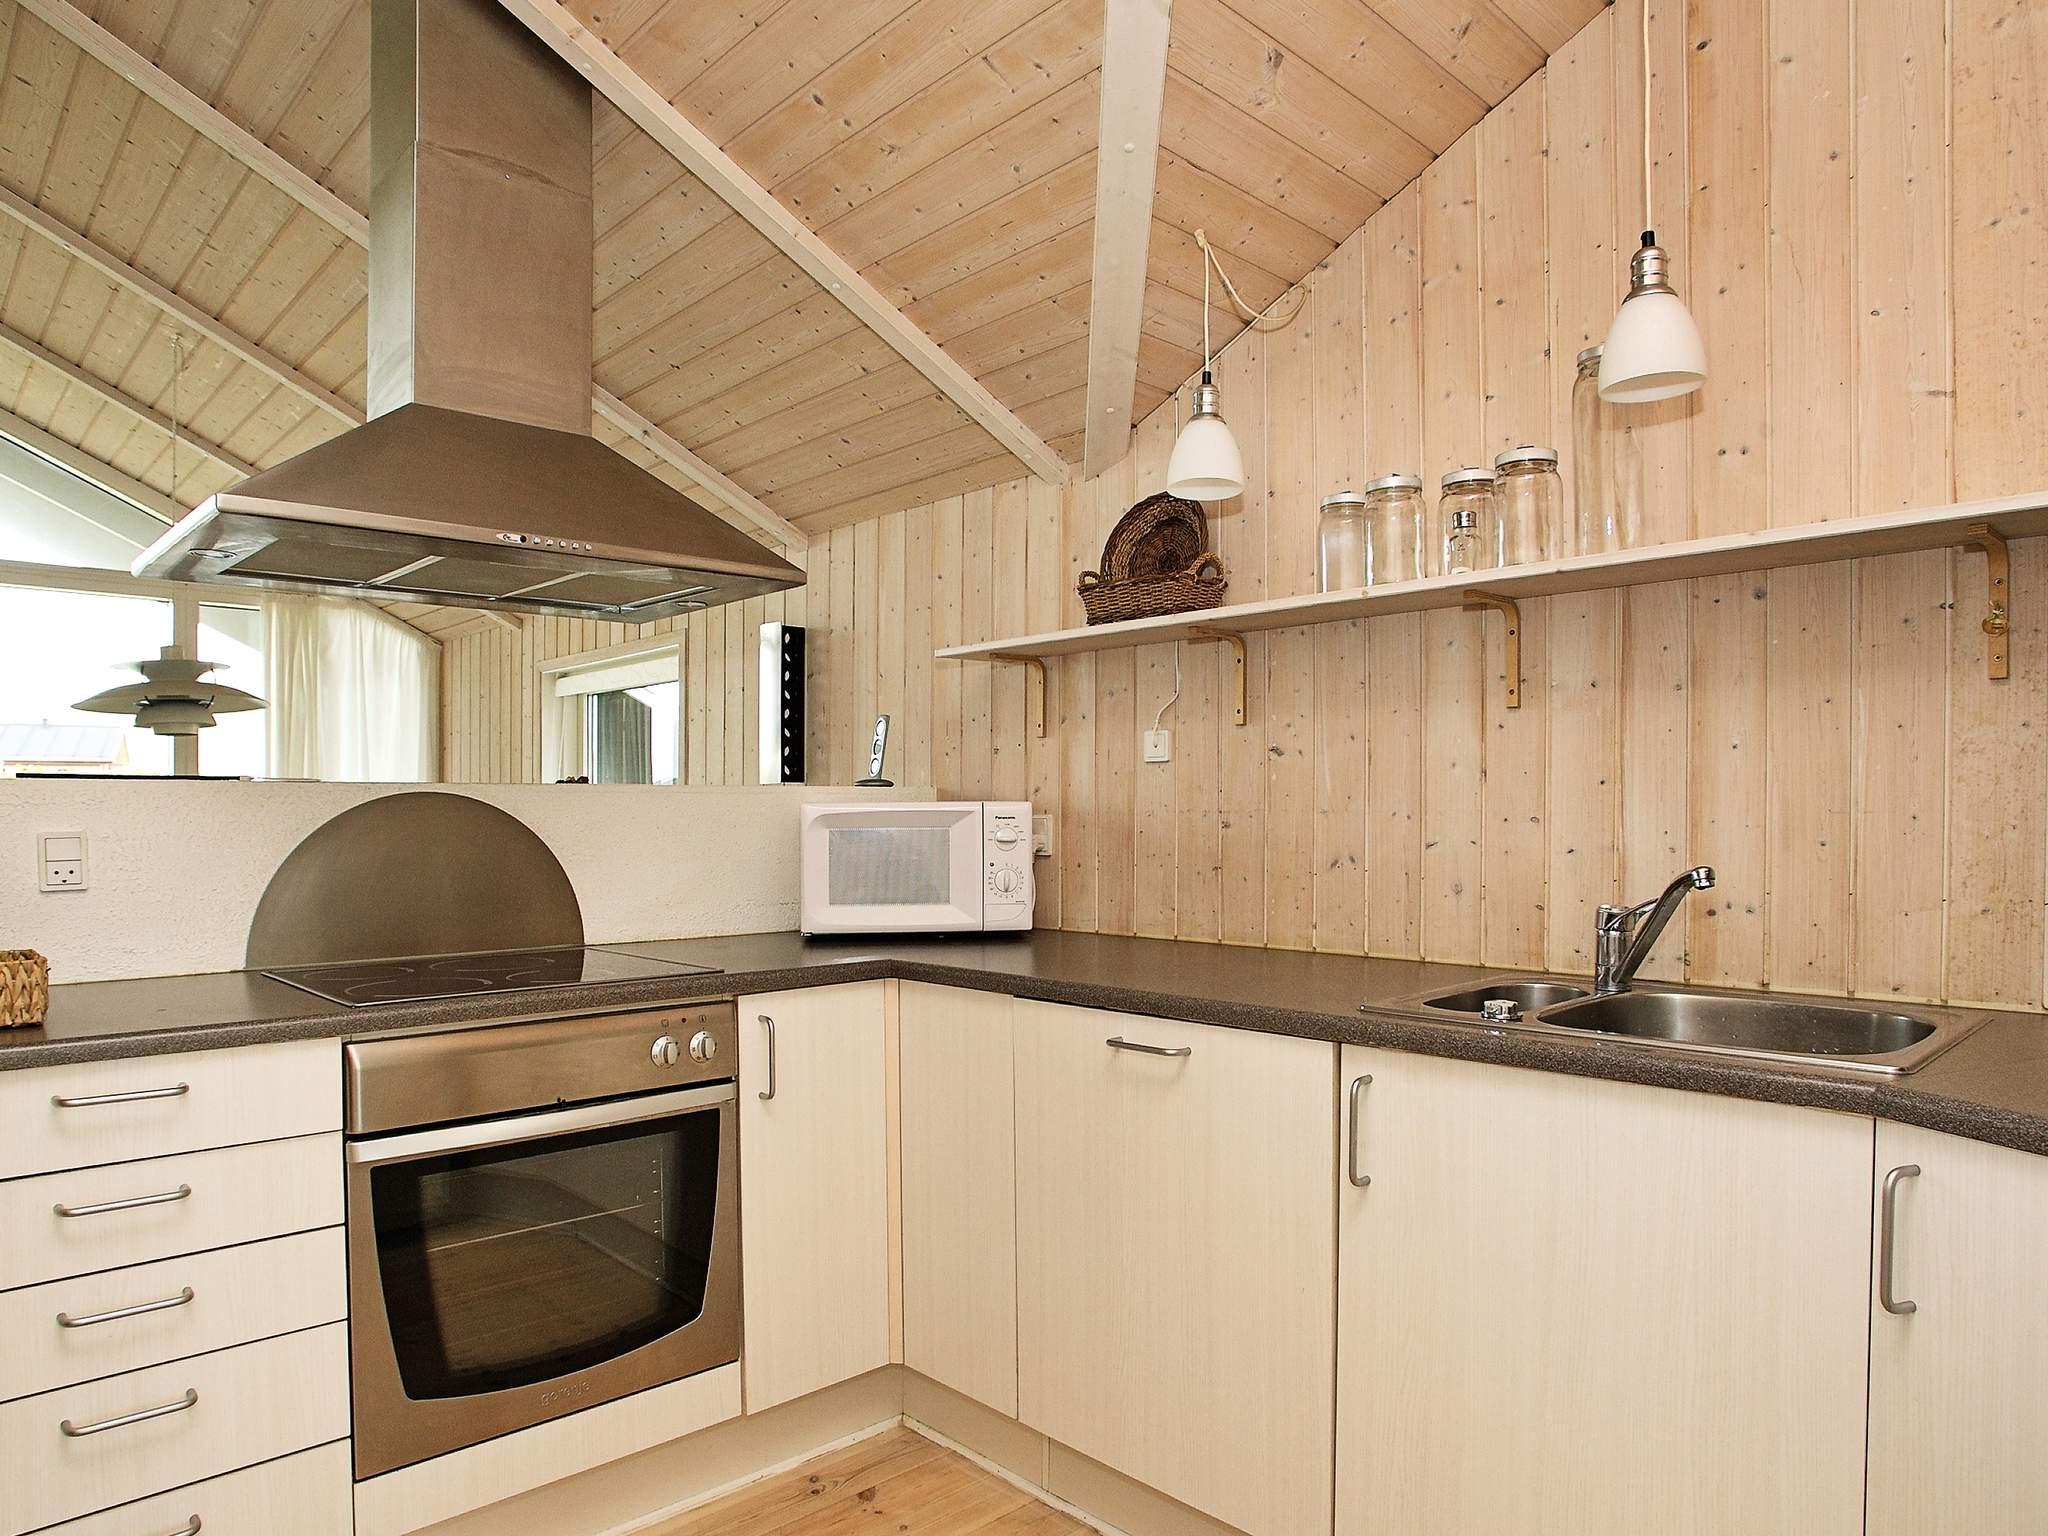 Ferienhaus Løkken (84530), Løkken, , Dänische Nordsee, Dänemark, Bild 6